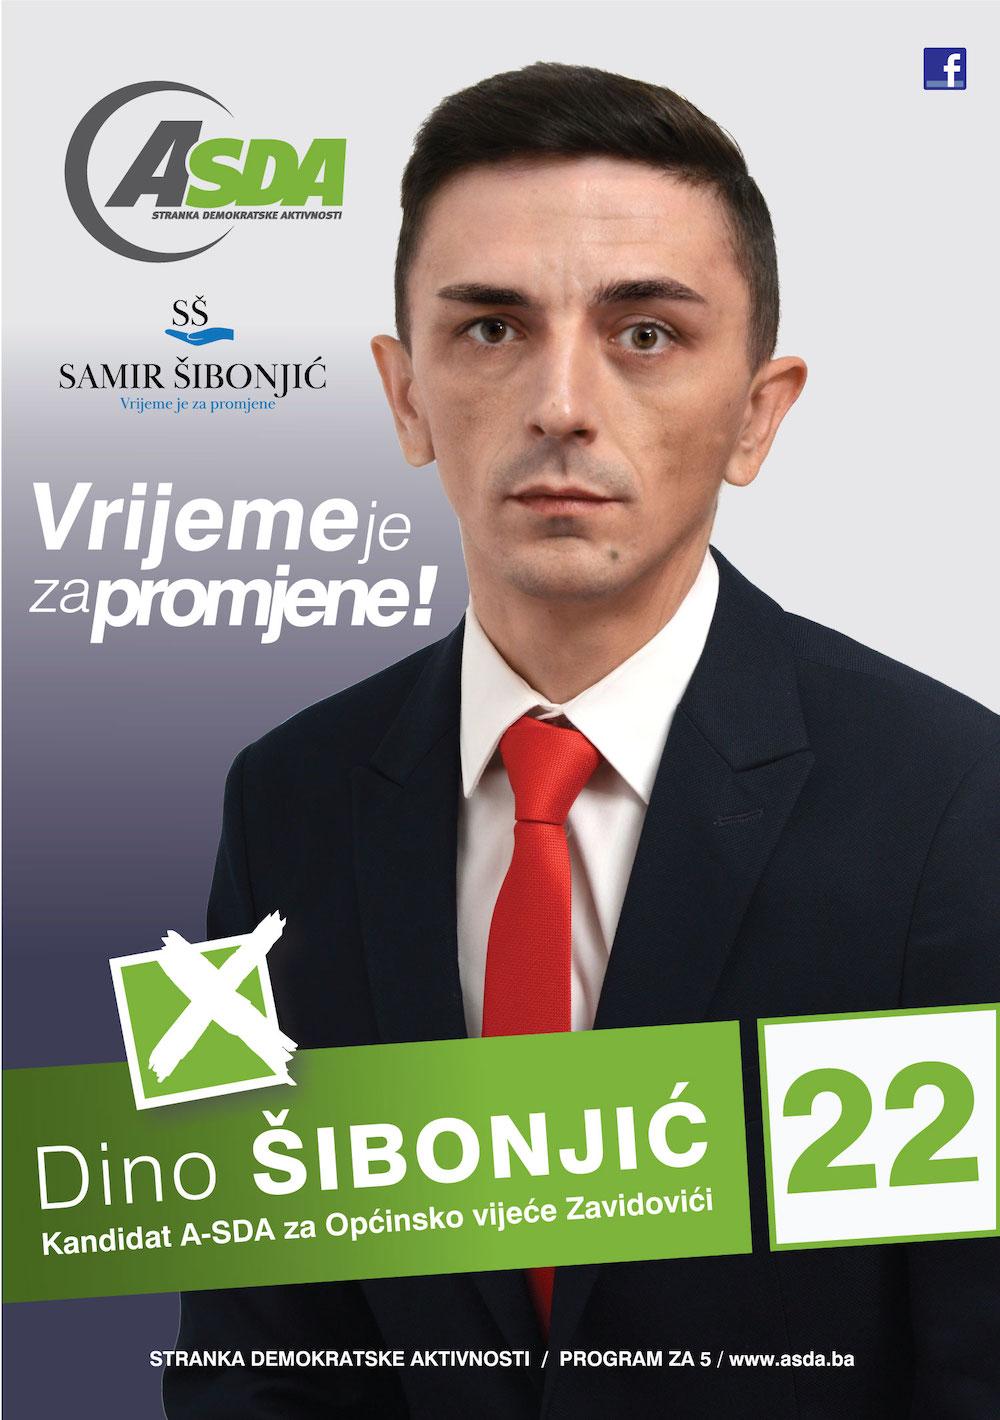 Dino Šibonjić